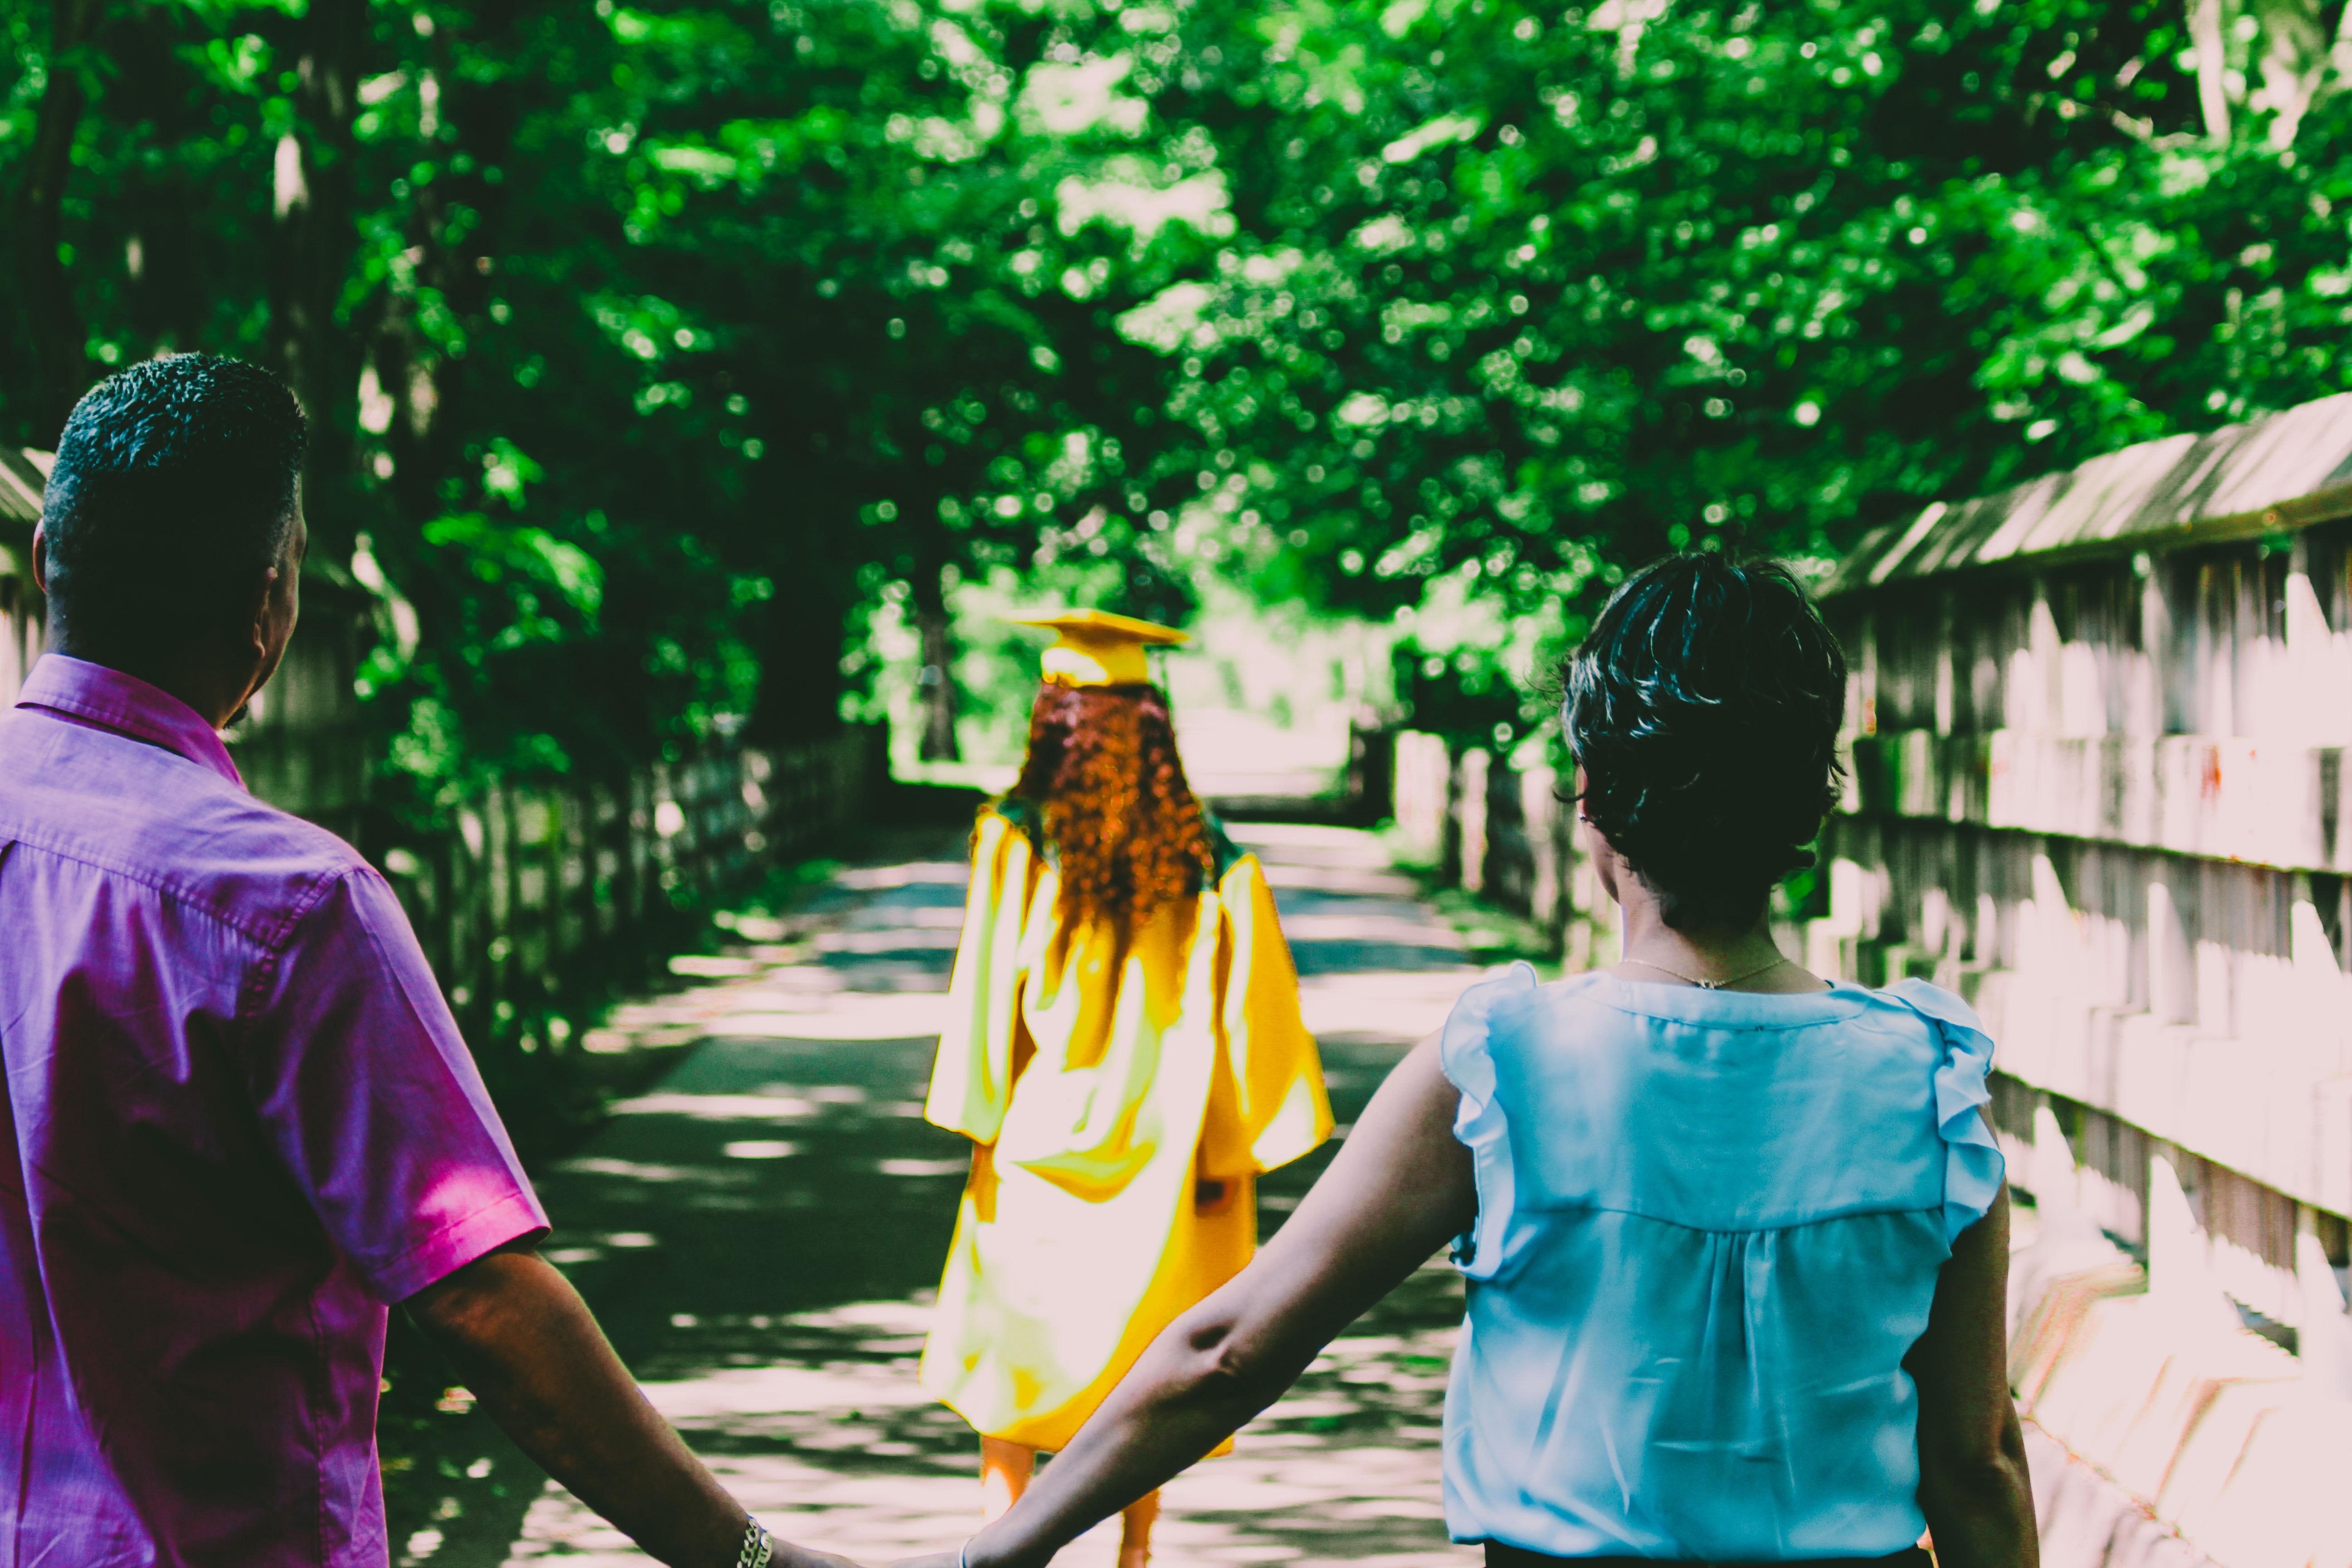 ▲畢業典禮,孩子離家,親子,中年夫妻,畢業,成長。(圖/取自免費圖庫Pexels)